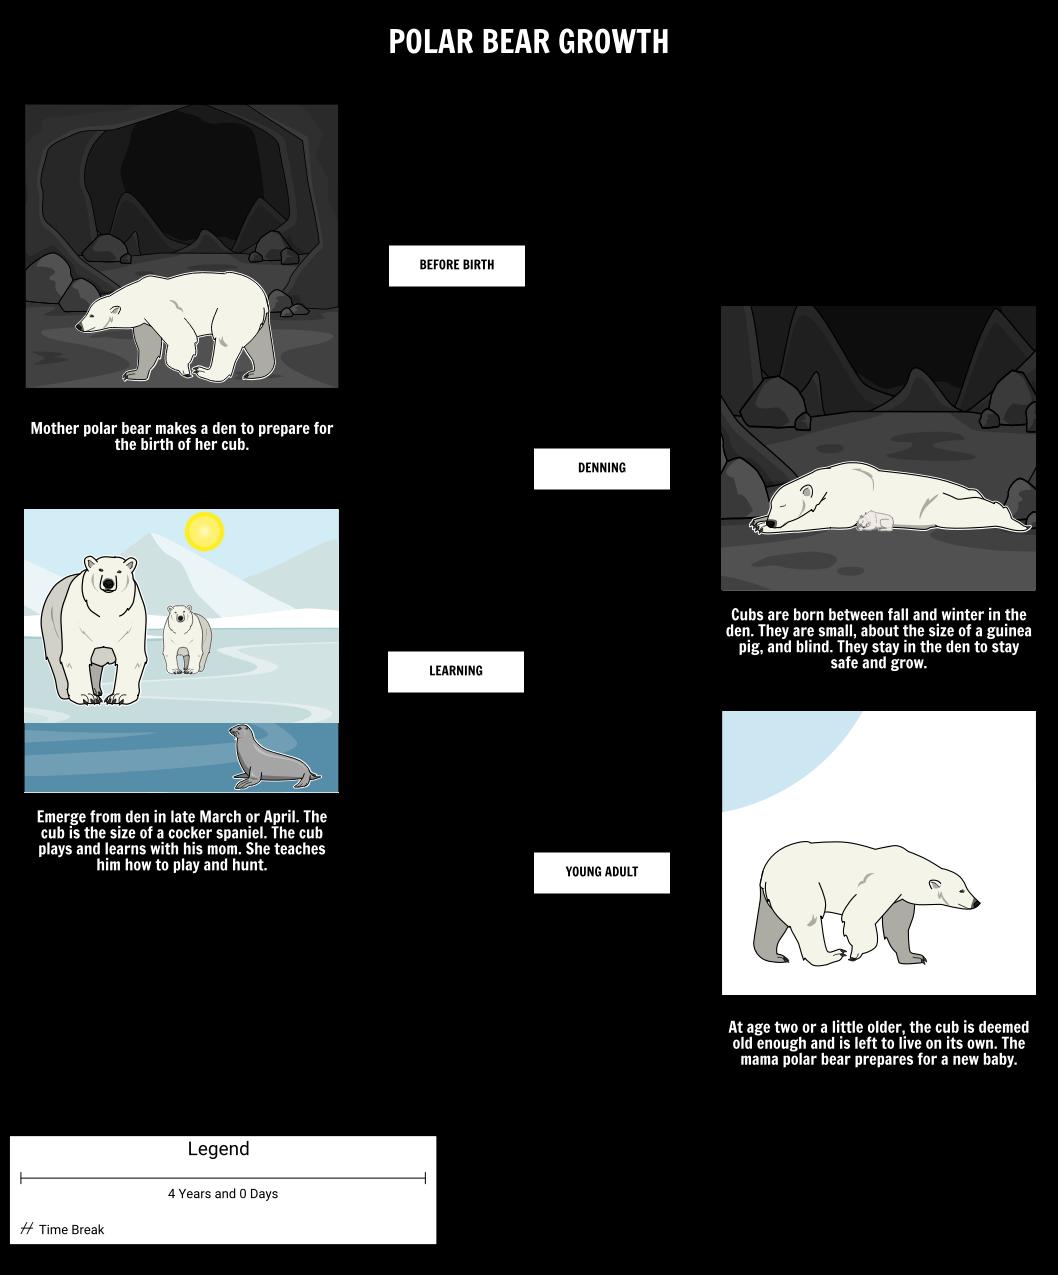 Where Do Polar Bears Live? Polar Bear Growth